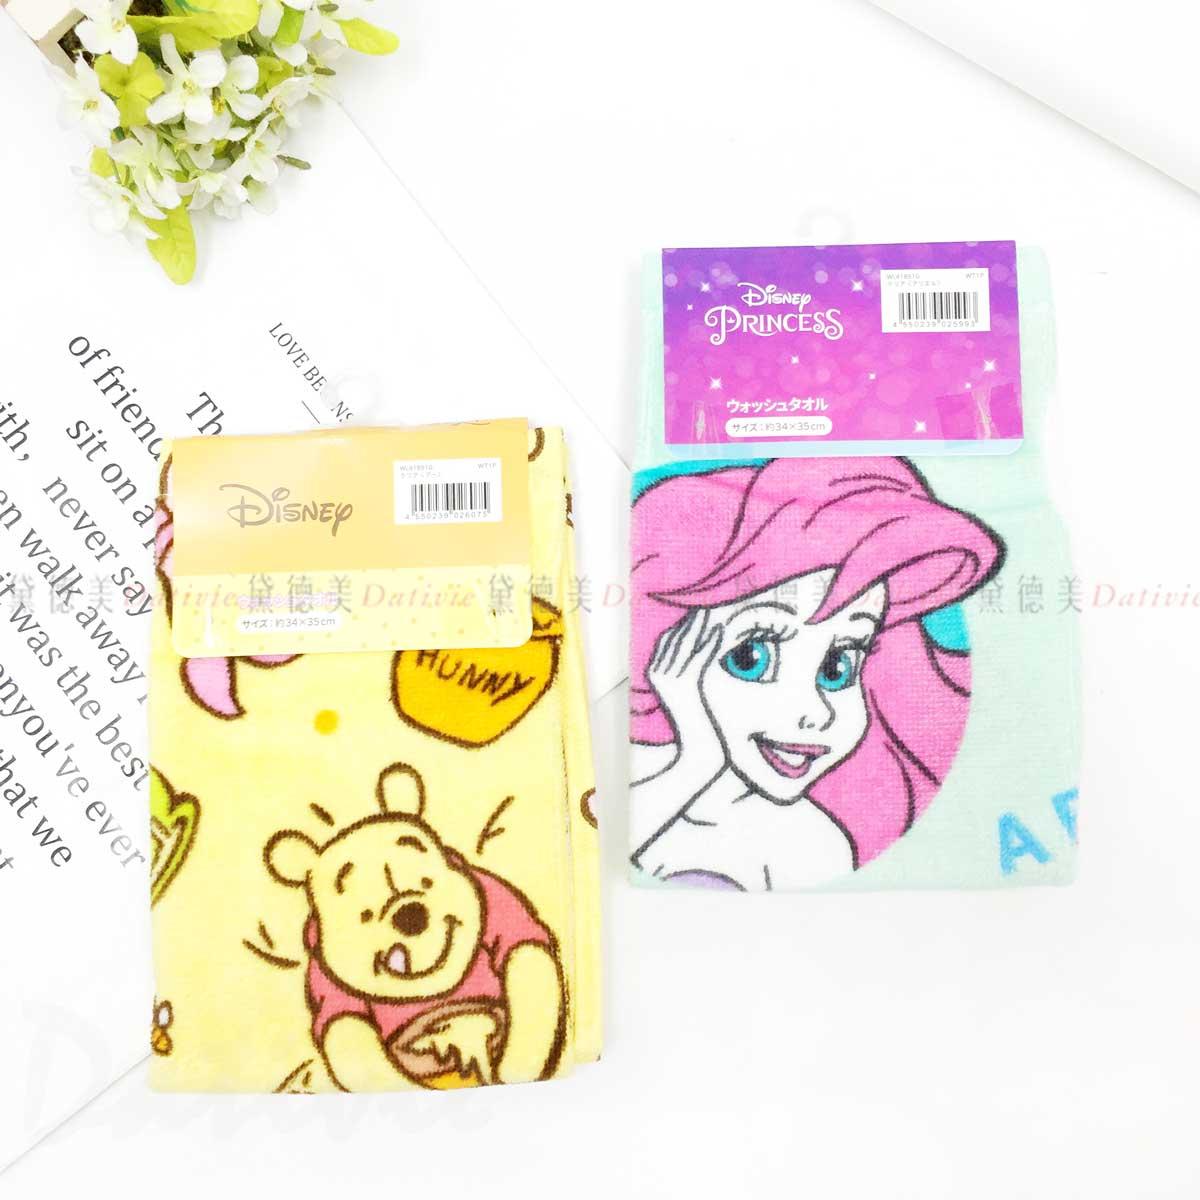 純棉方巾 34x35cm-史迪奇 美人魚 小熊維尼 迪士尼 DISNEY 日本進口正版授權